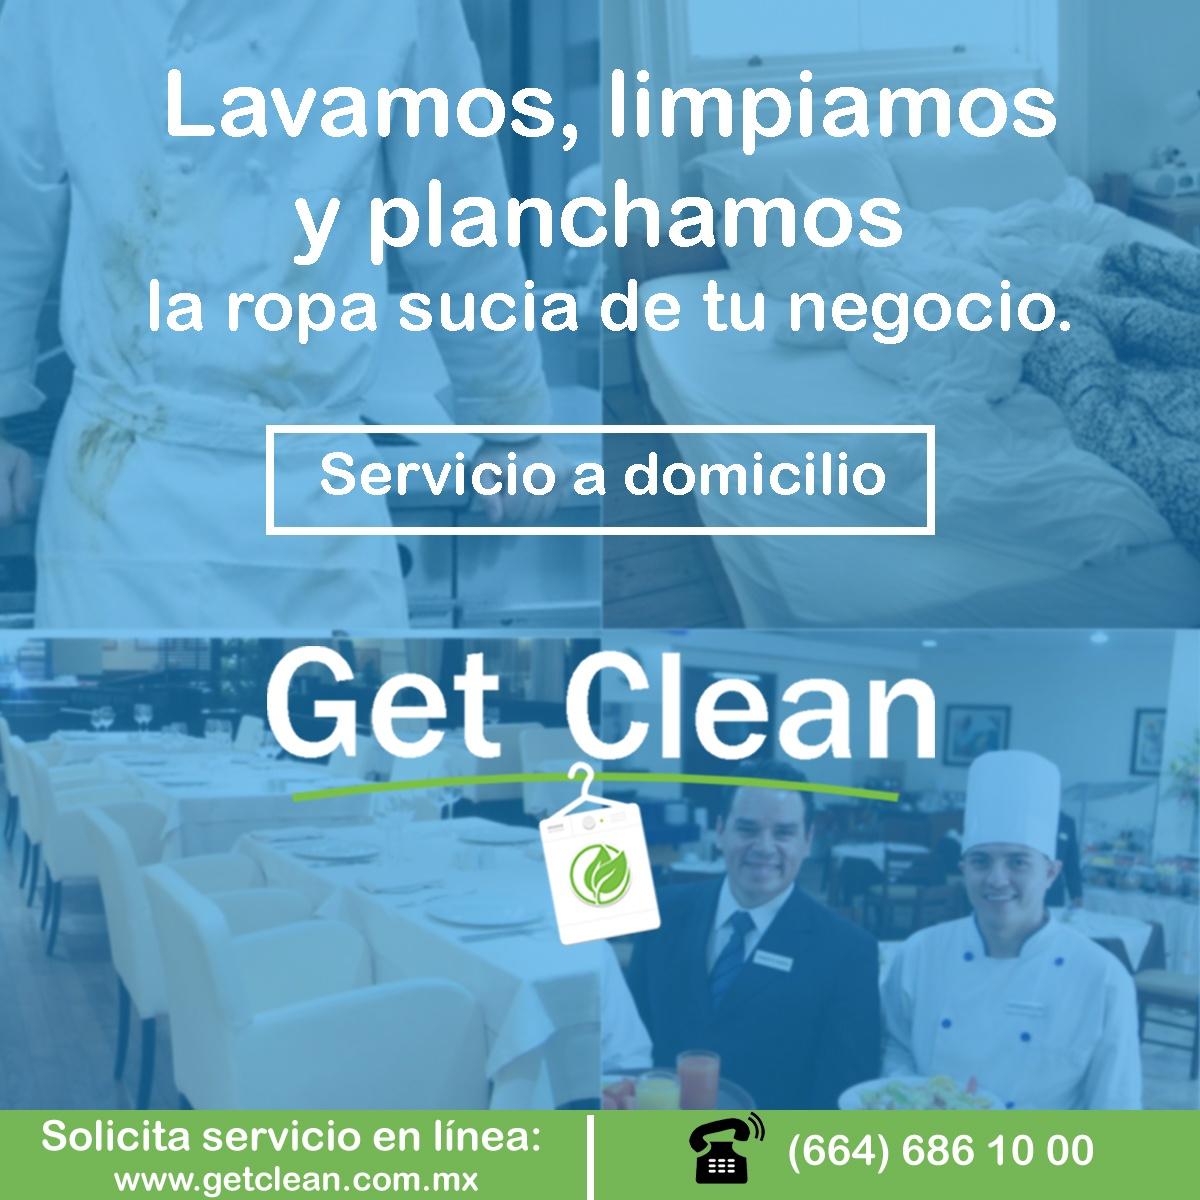 https://0201.nccdn.net/1_2/000/000/0ea/6c3/2018-28-03-Lavamos-para-tu-Negocio-1200x1200.jpg